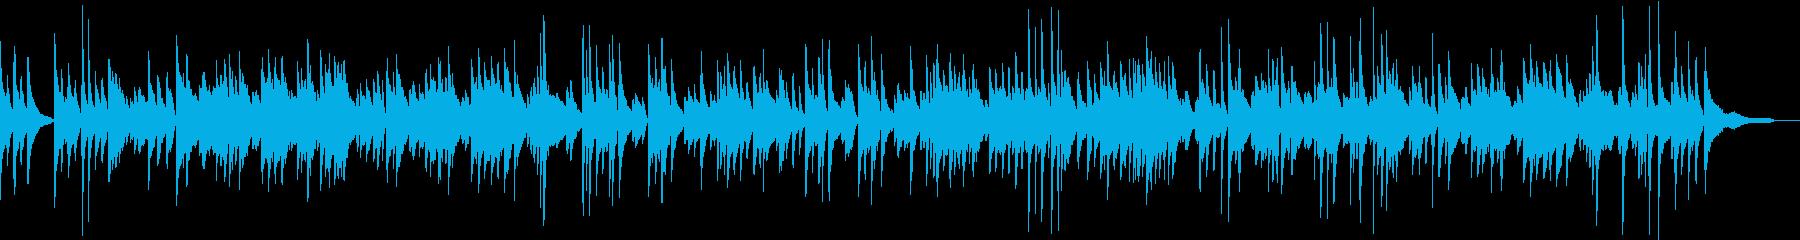 穏やかなボサノバのピアノ曲の再生済みの波形